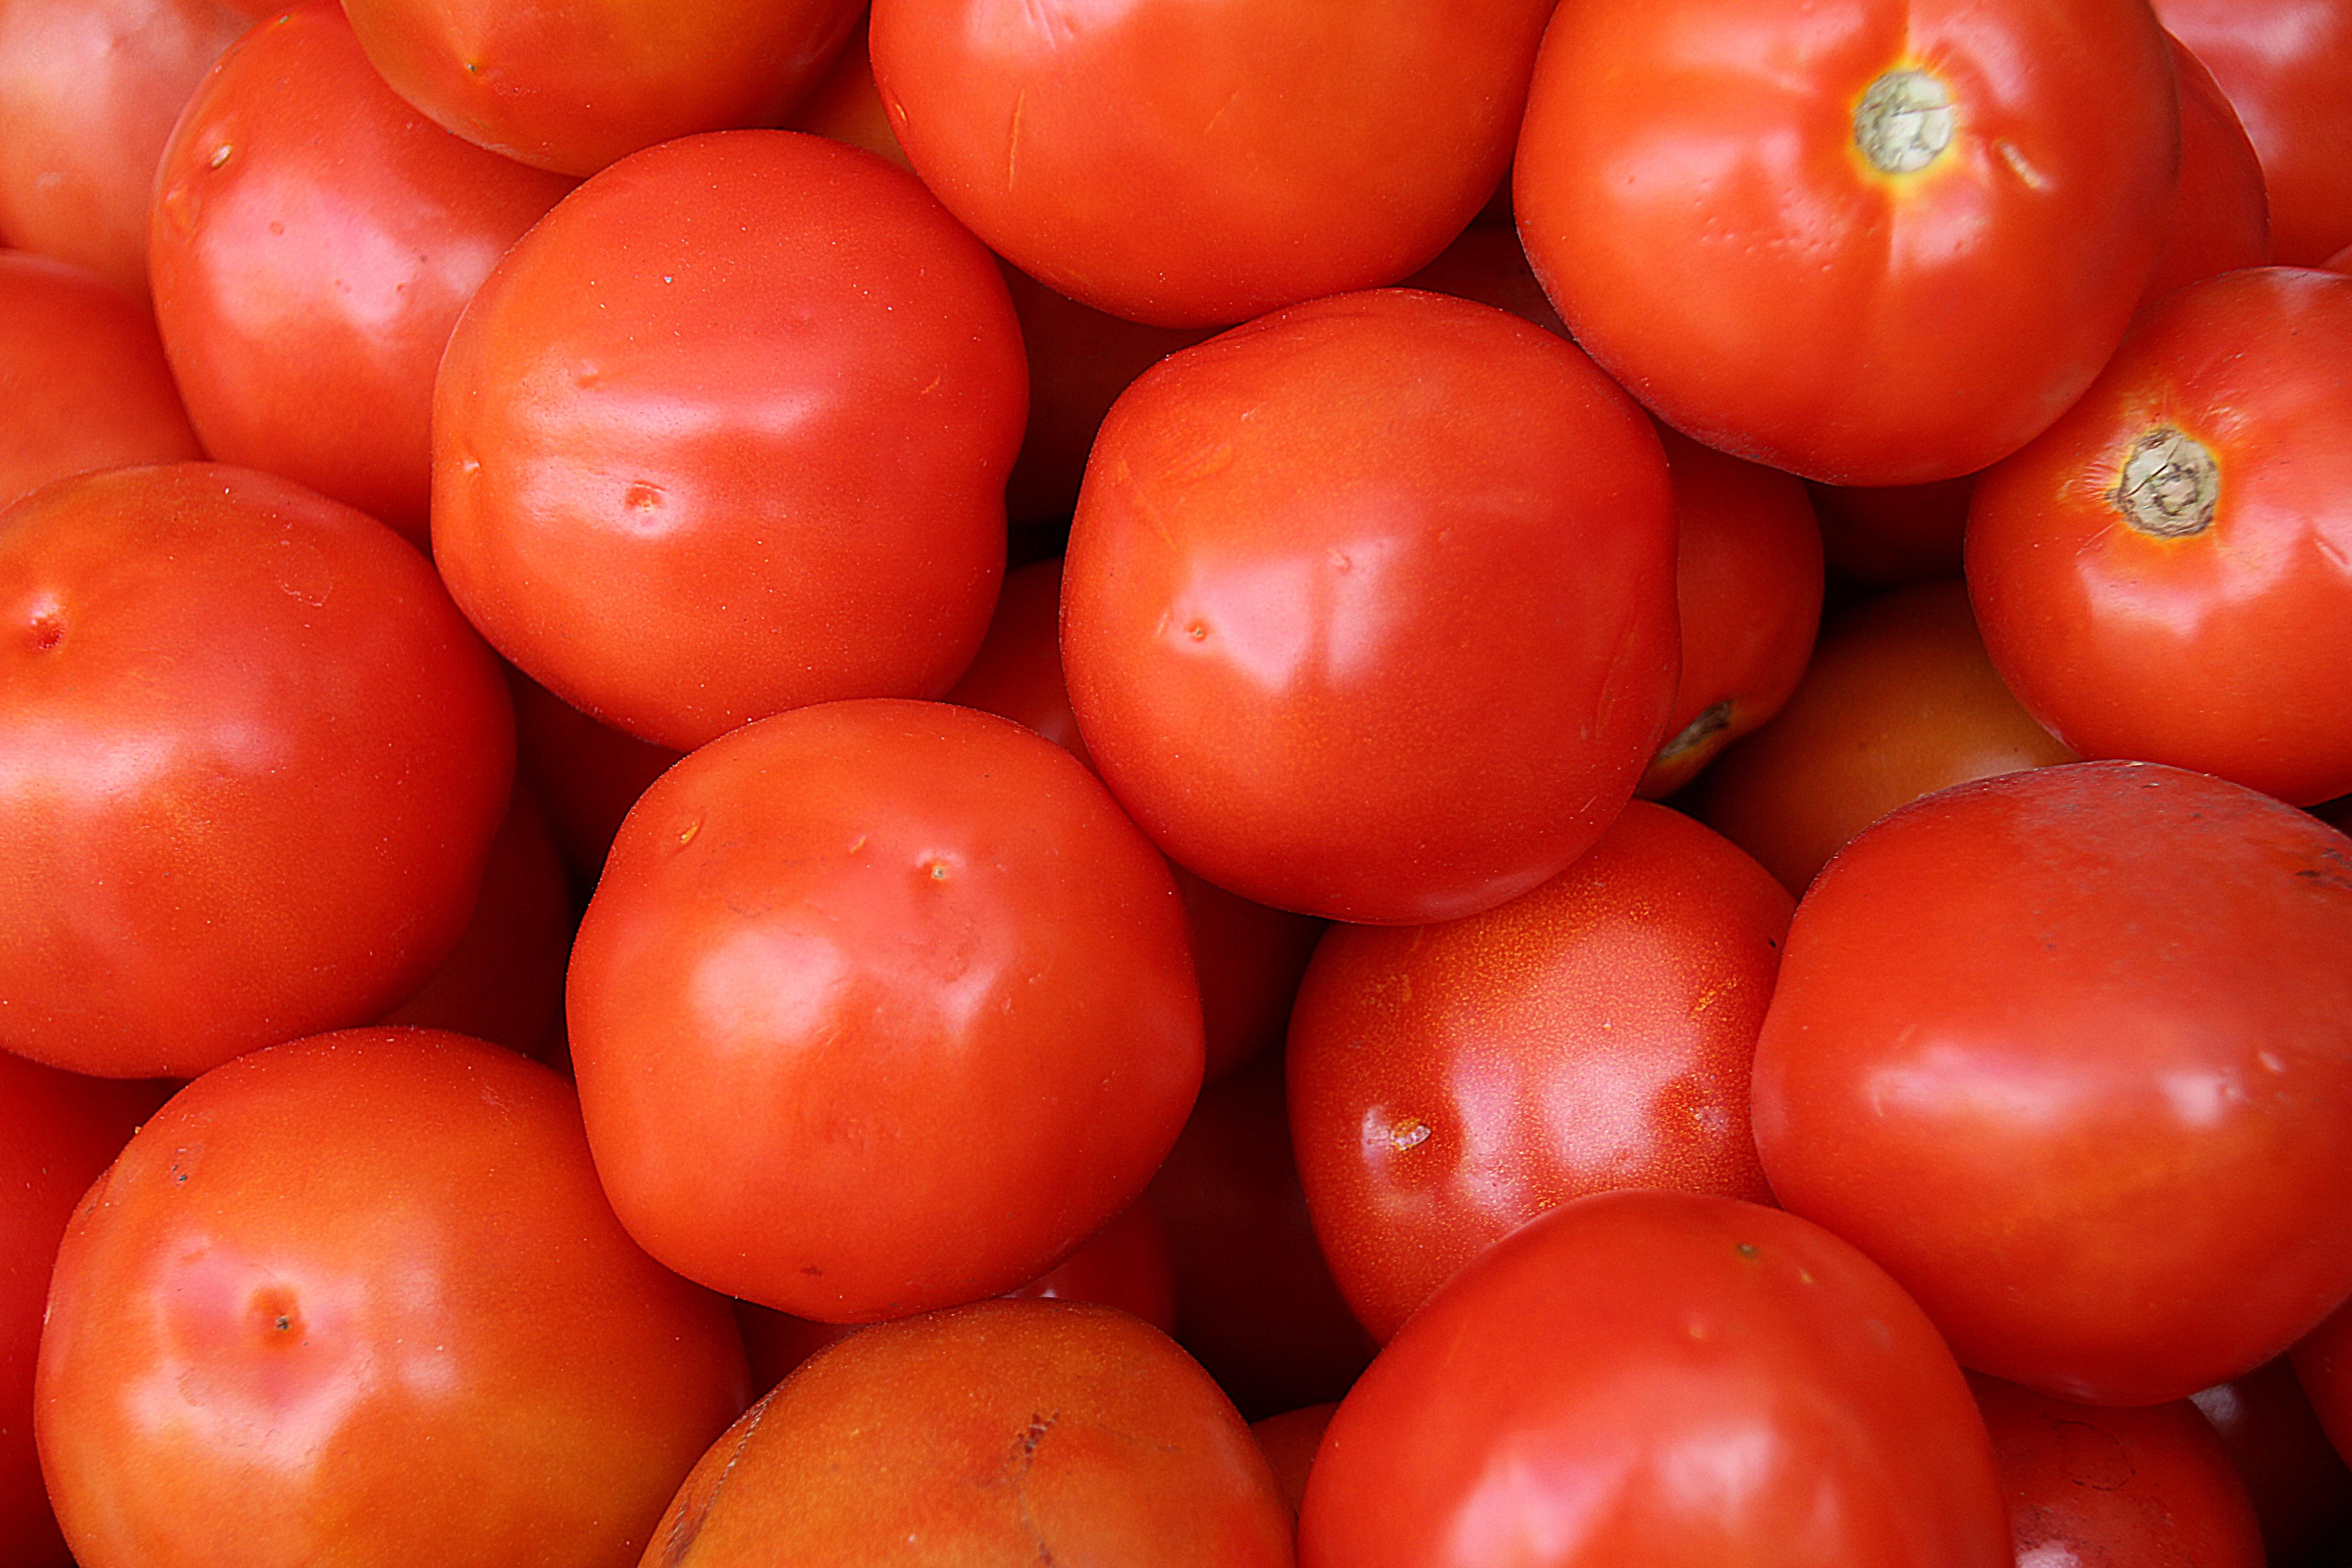 Fotoğraf Meyve Gıda Kırmızı Mutfak üretmek Sebze Renkli